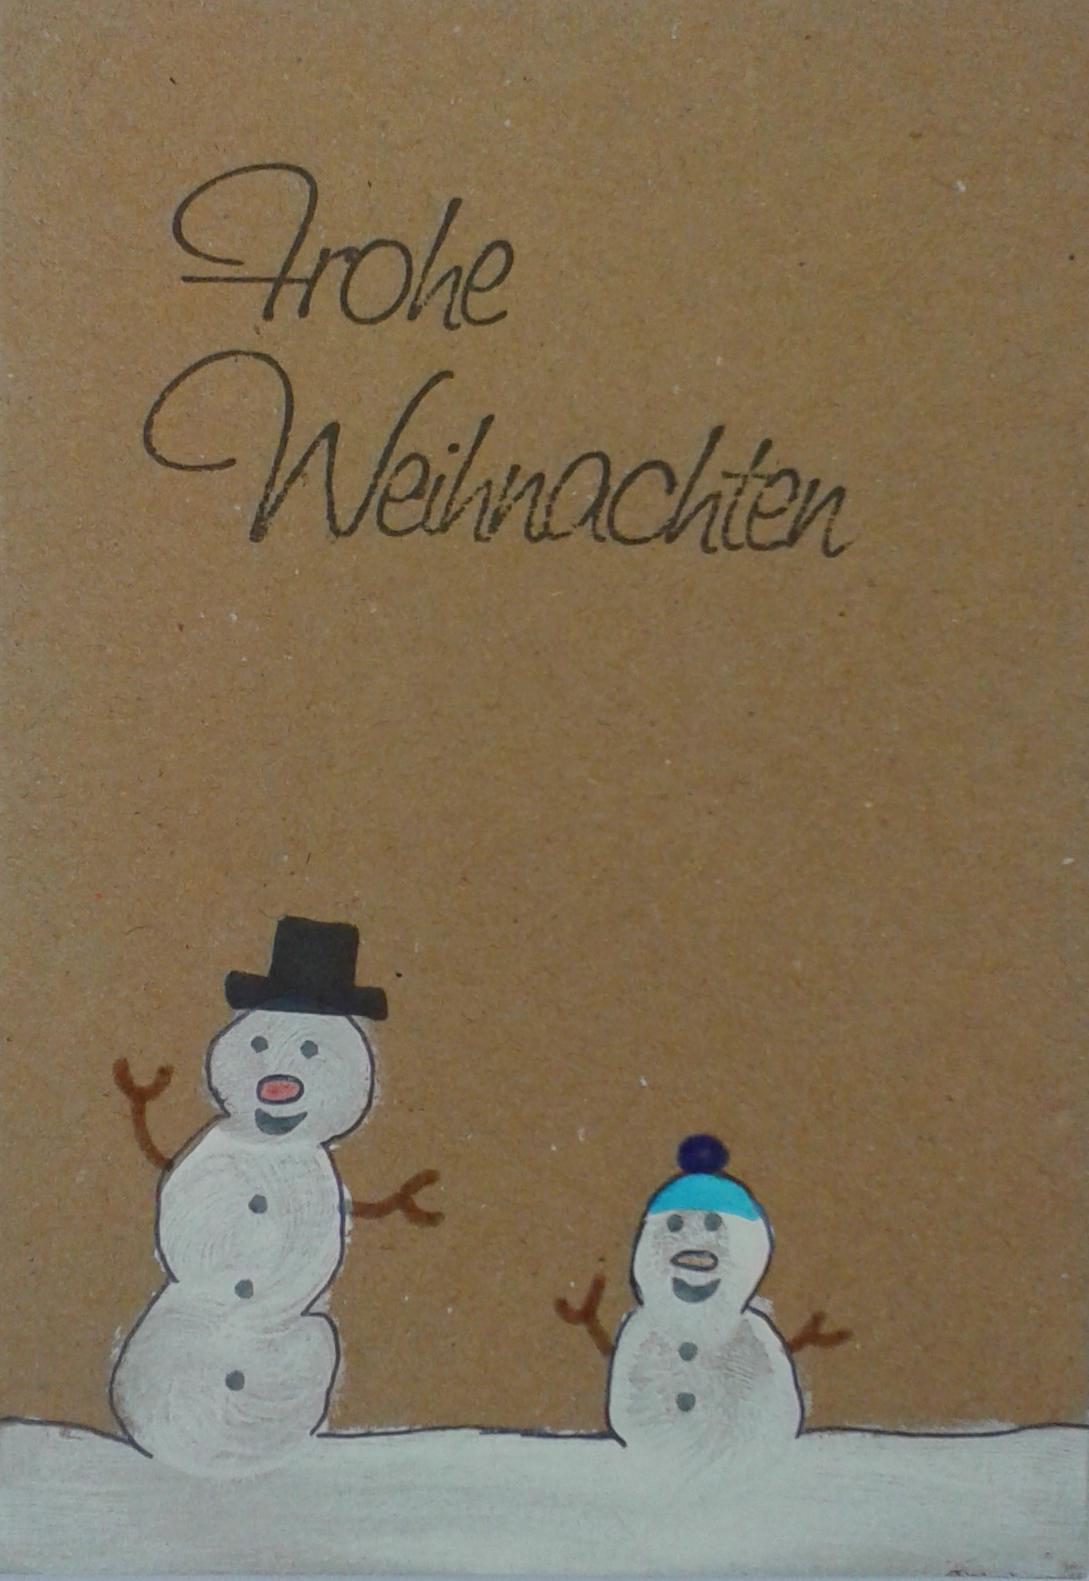 Frohe Weihnachten An Kollegen.Frohe Weihnachten Und Entspannte Feiertage Heinrich Pattberg